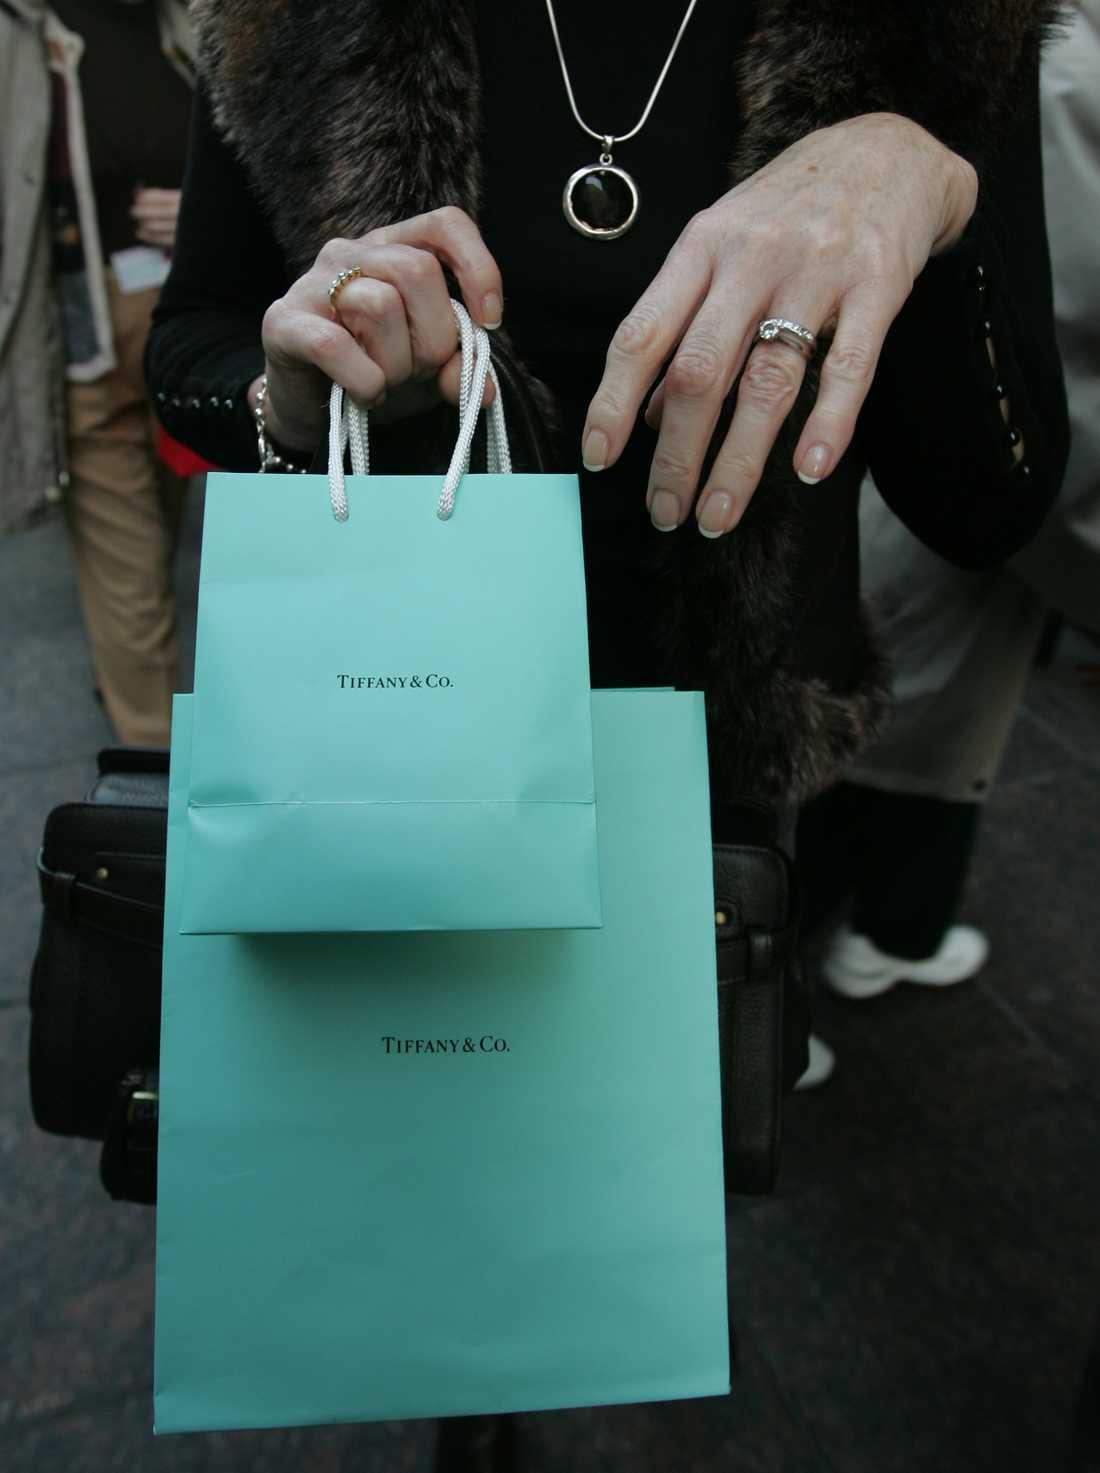 Den turkosblå färgen är Tiffanys signaturfärg och valdes av företagets grundare Charles Lewis Tiffany. Färgen är varumärkesskyddad. Nu pryder den allt från påsar till presentaskar och inredning och är känd som Tiffanyblå. Arkivbild.